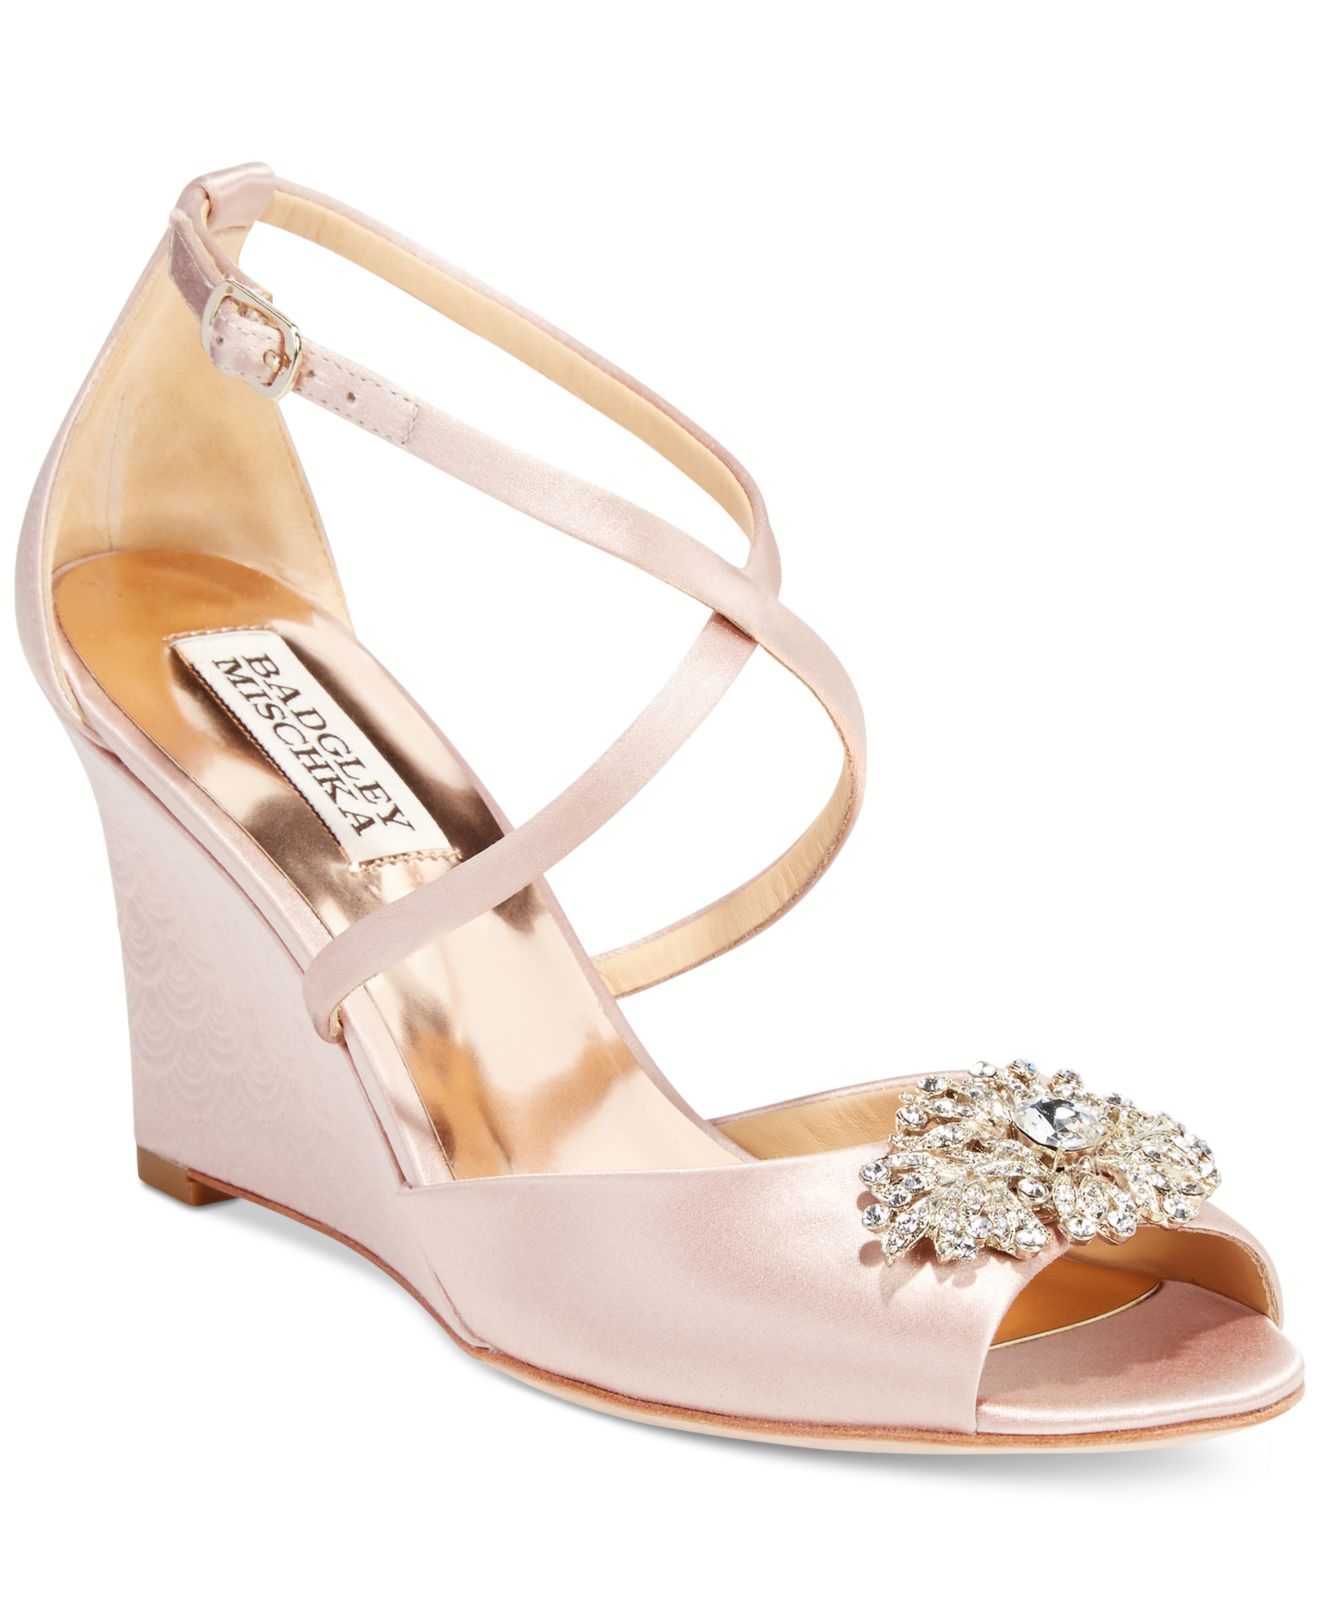 Blush Wedge Wedding Shoes